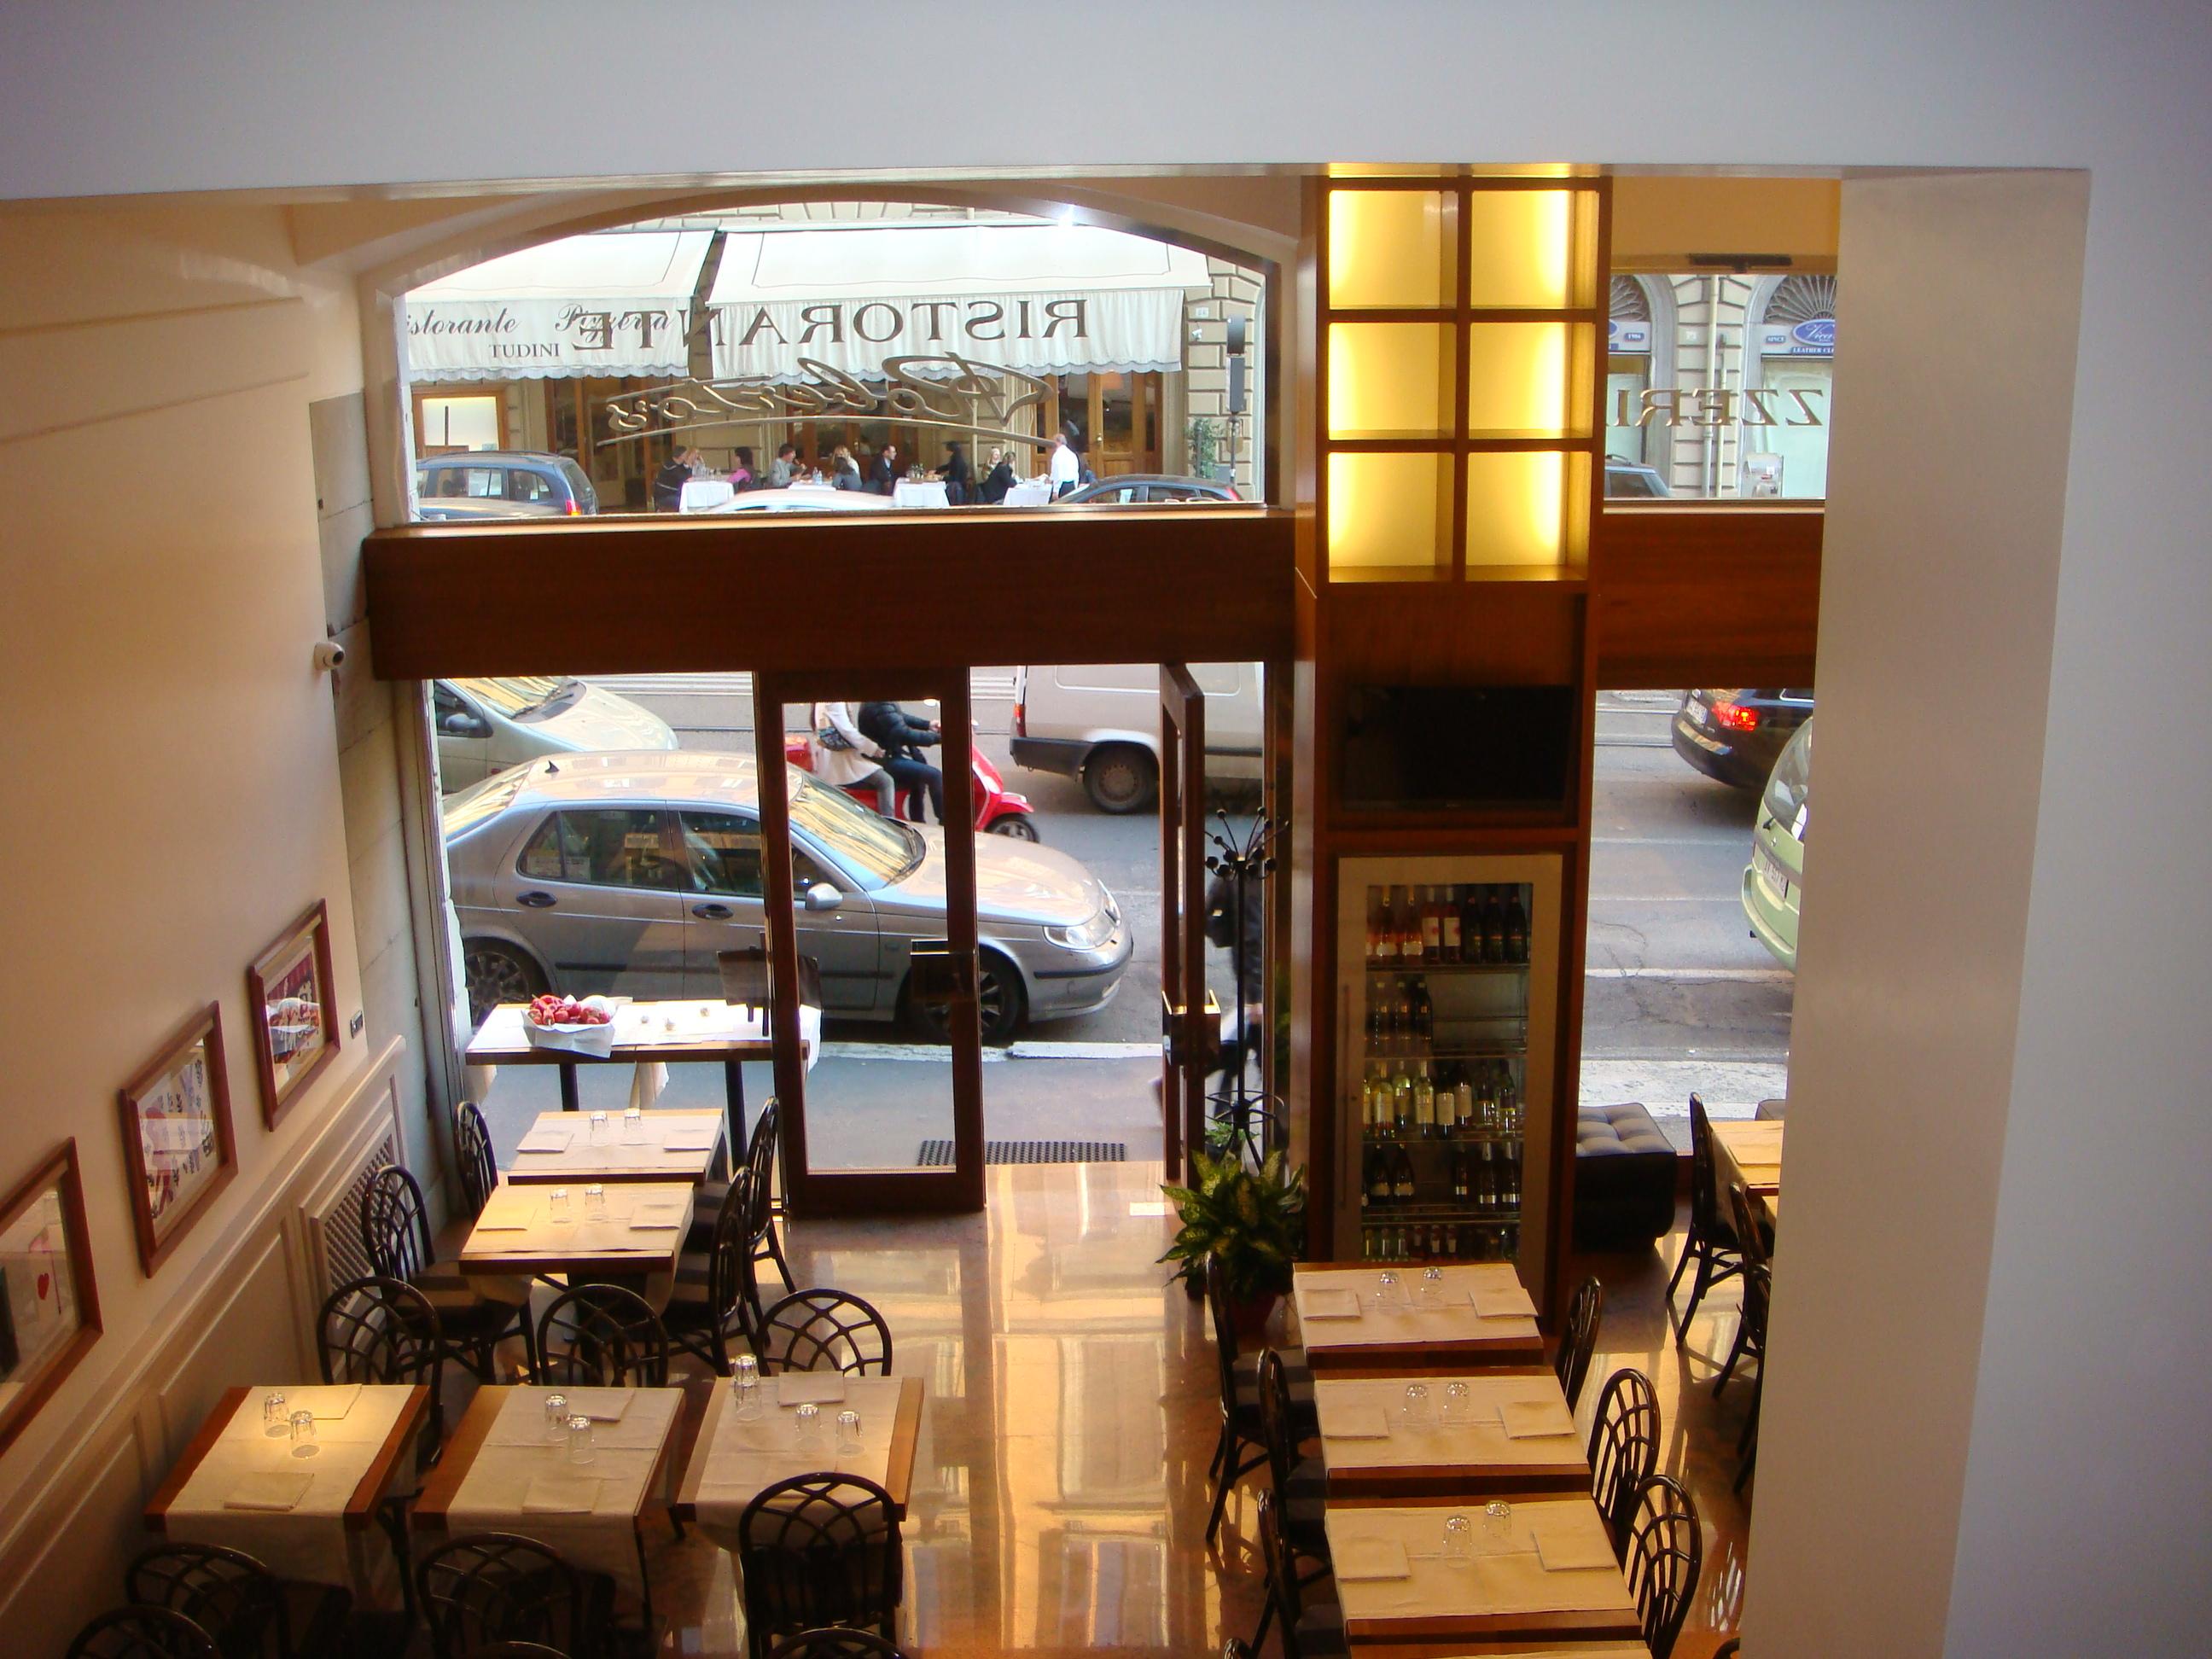 ristorante arredamenti ristorante roma ESCAPE='HTML'